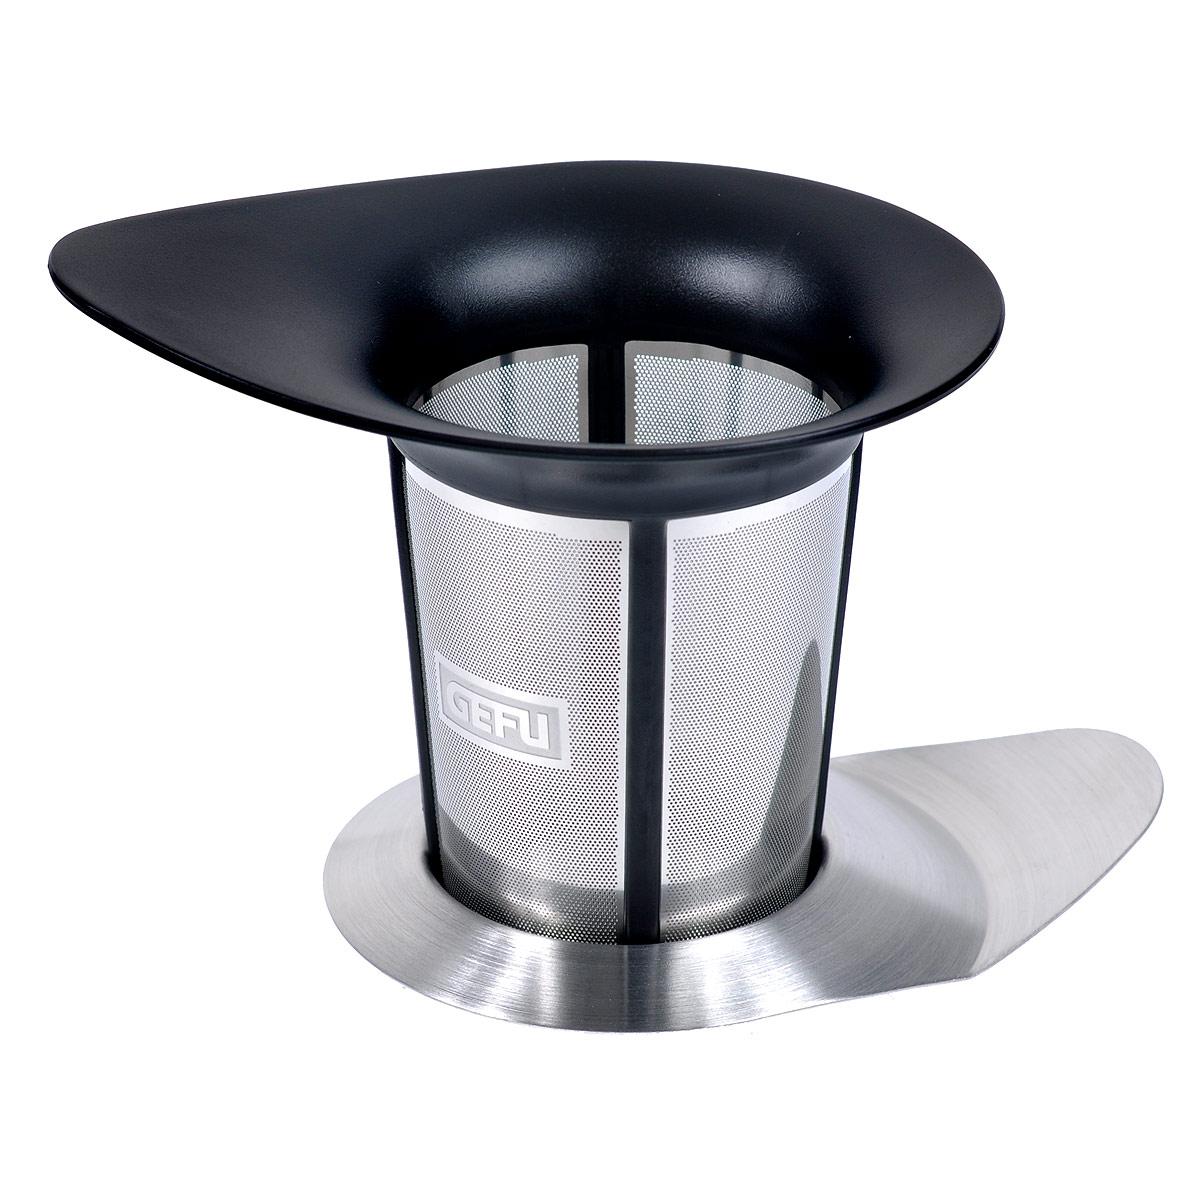 Сито для заваривания чая Gefu Армониа12900Сито Gefu Армониа, выполненное из высококачественного пластика черного цвета и нержавеющей стали прекрасно подойдет для заваривания чая прям в чашке. Насладитесь неповторимой чайной церемонией, используя фильтр Армониа, который можно поместить в чашку или в чайник. Несмотря на большой объем, Армониа обеспечивает насыщенный аромат и прекрасный вкус, так как имеет особую структуру микрофильтрации. Любители чая непременно оценят изящную и функциональную крышку из нержавеющей стали, которая сохранит аромат, а так же пригодится как подставка, на которую можно поместить фильтр после использования. Можно мыть в посудомоечной машине.